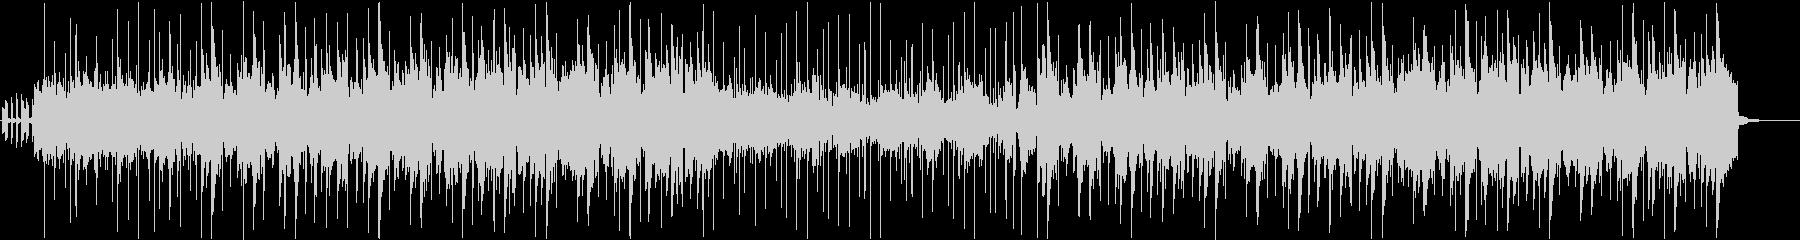 ロードピアノ、アコースティックピア...の未再生の波形